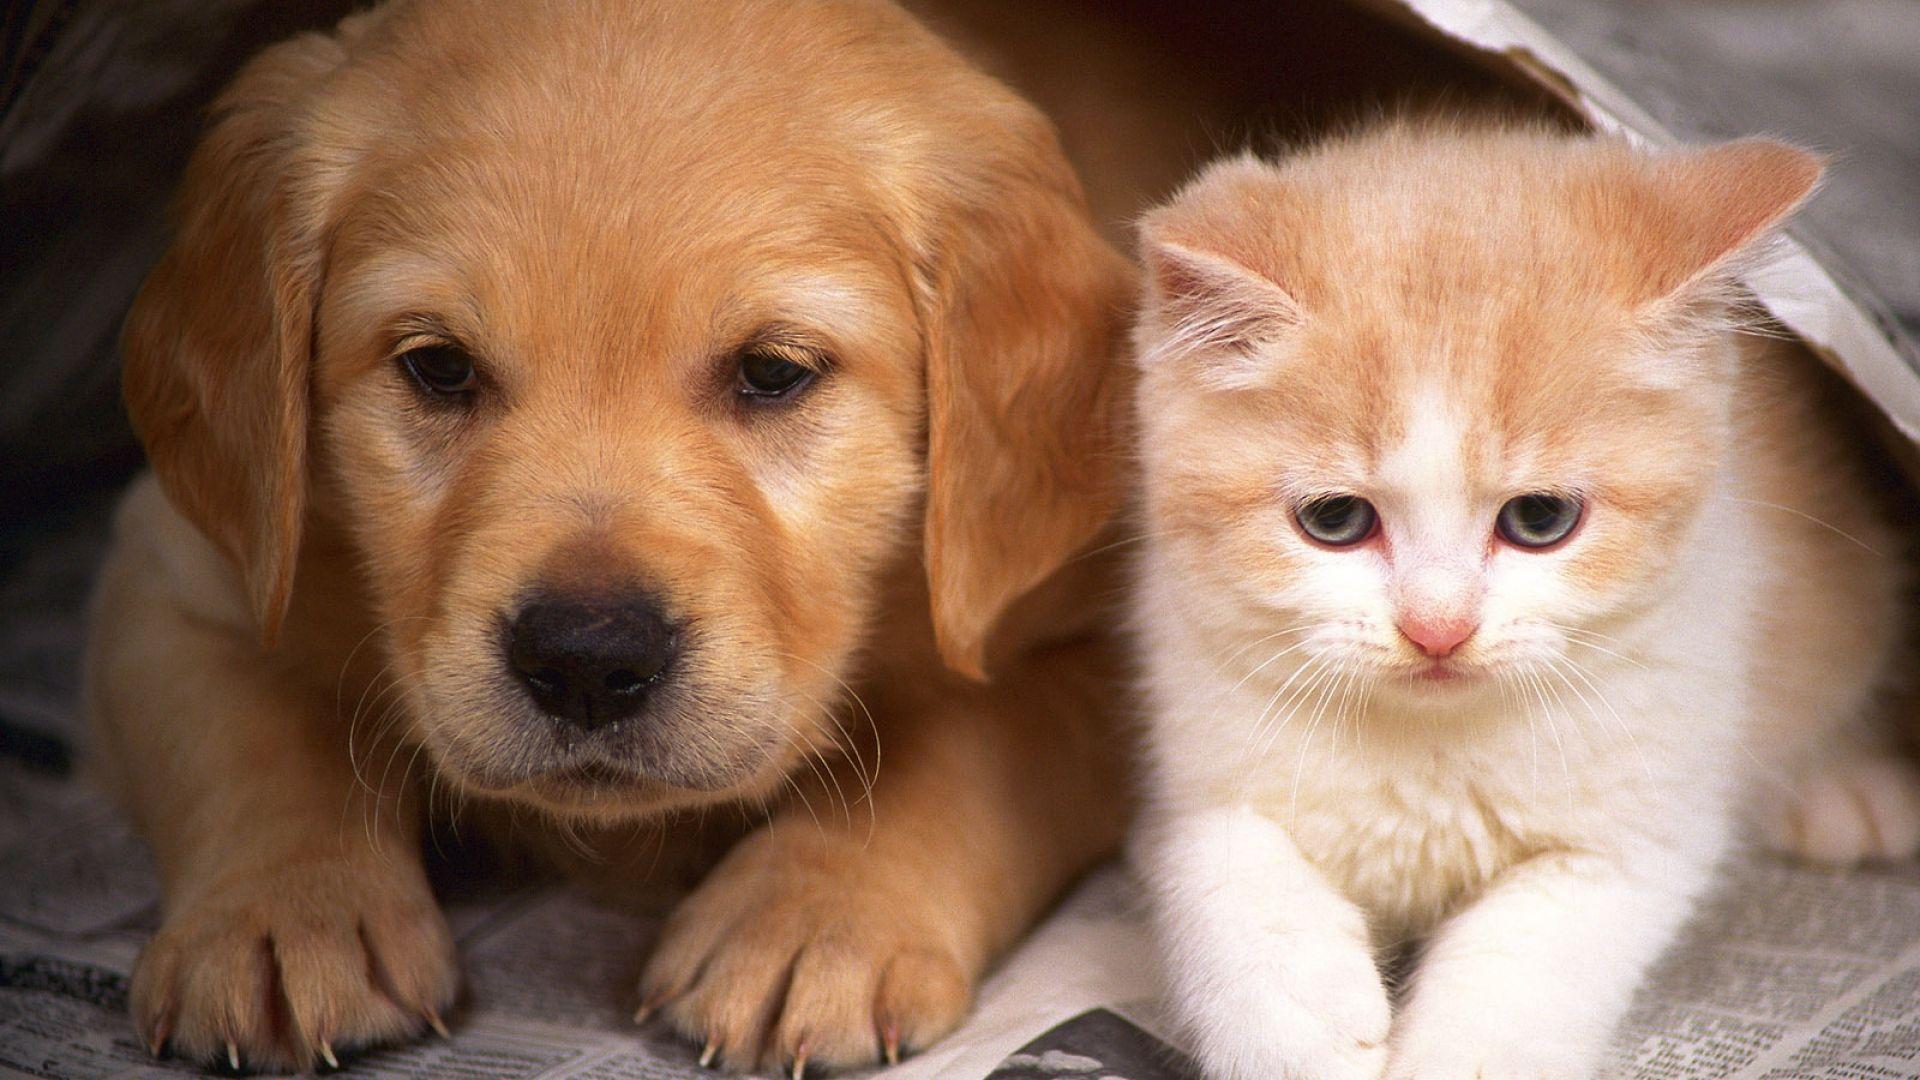 Puppy And Kitten laptop wallpaper